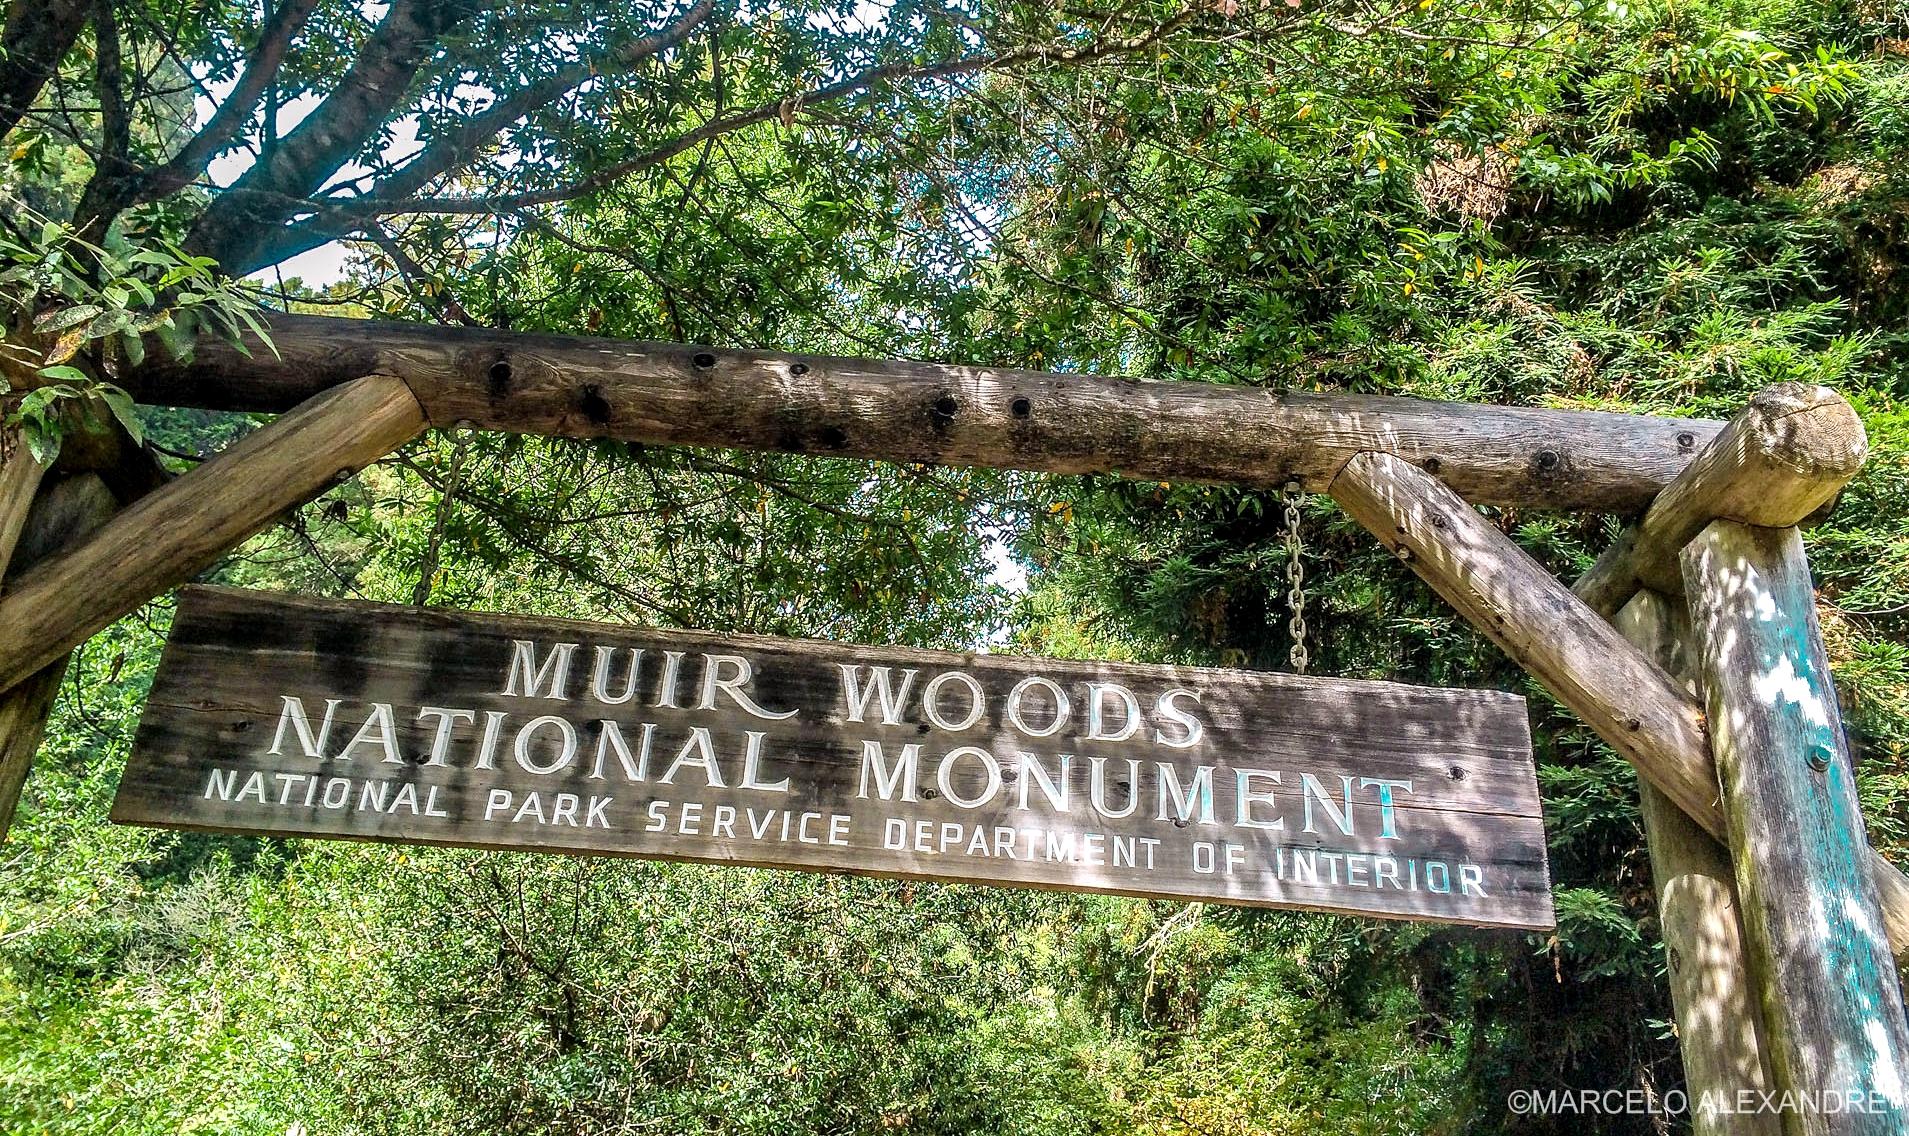 tour em Muir Woods com guia brasileiro